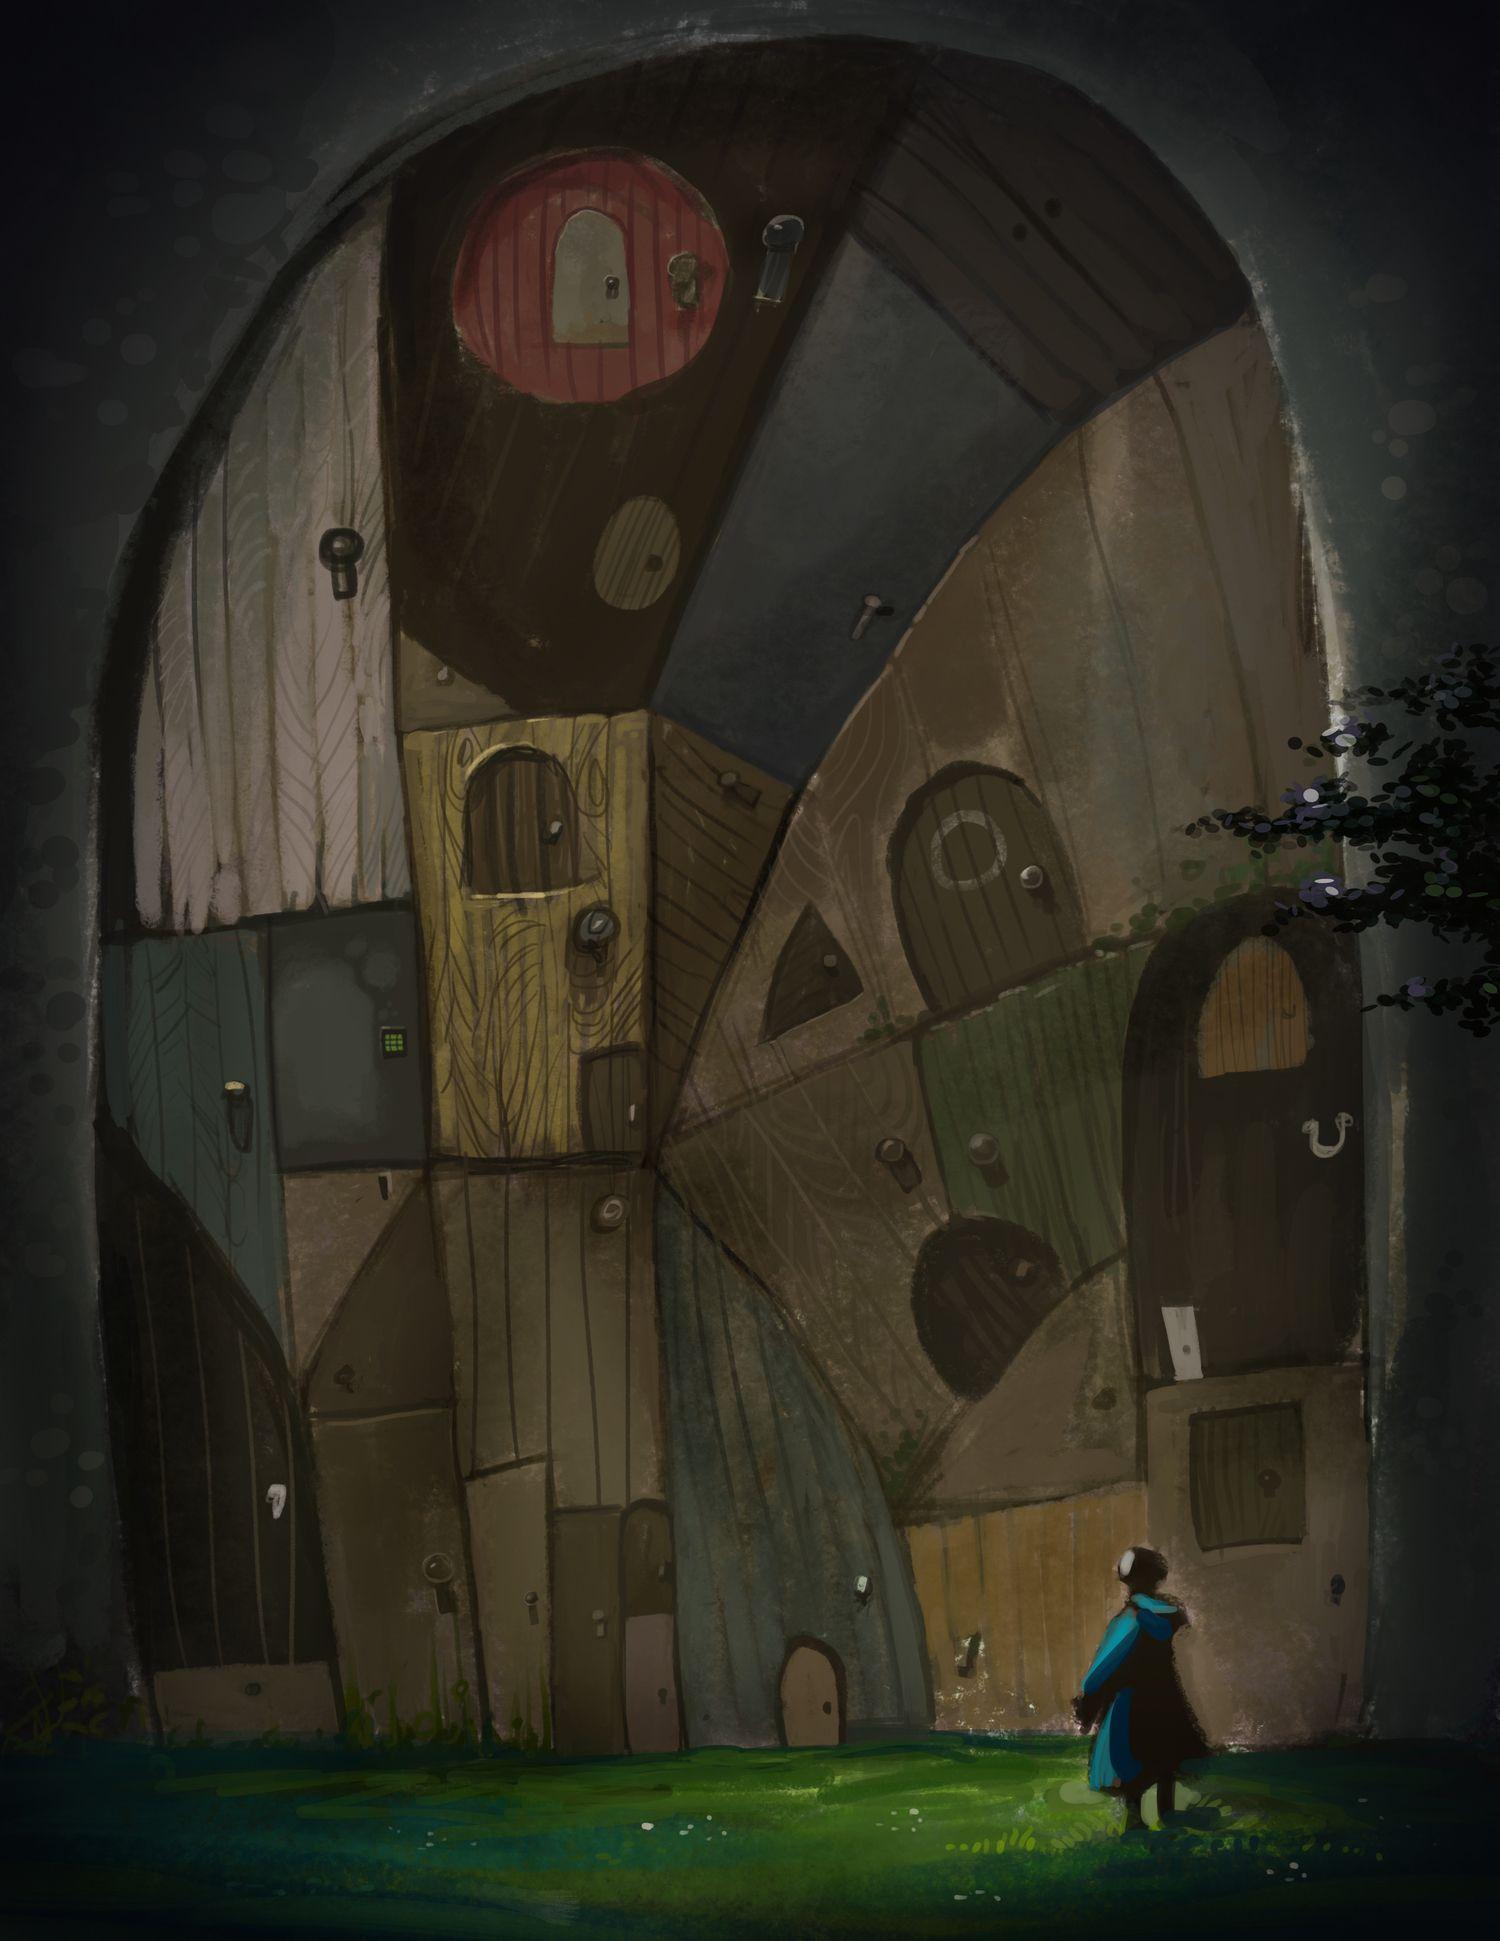 The Door of Doors by Chase Velarde